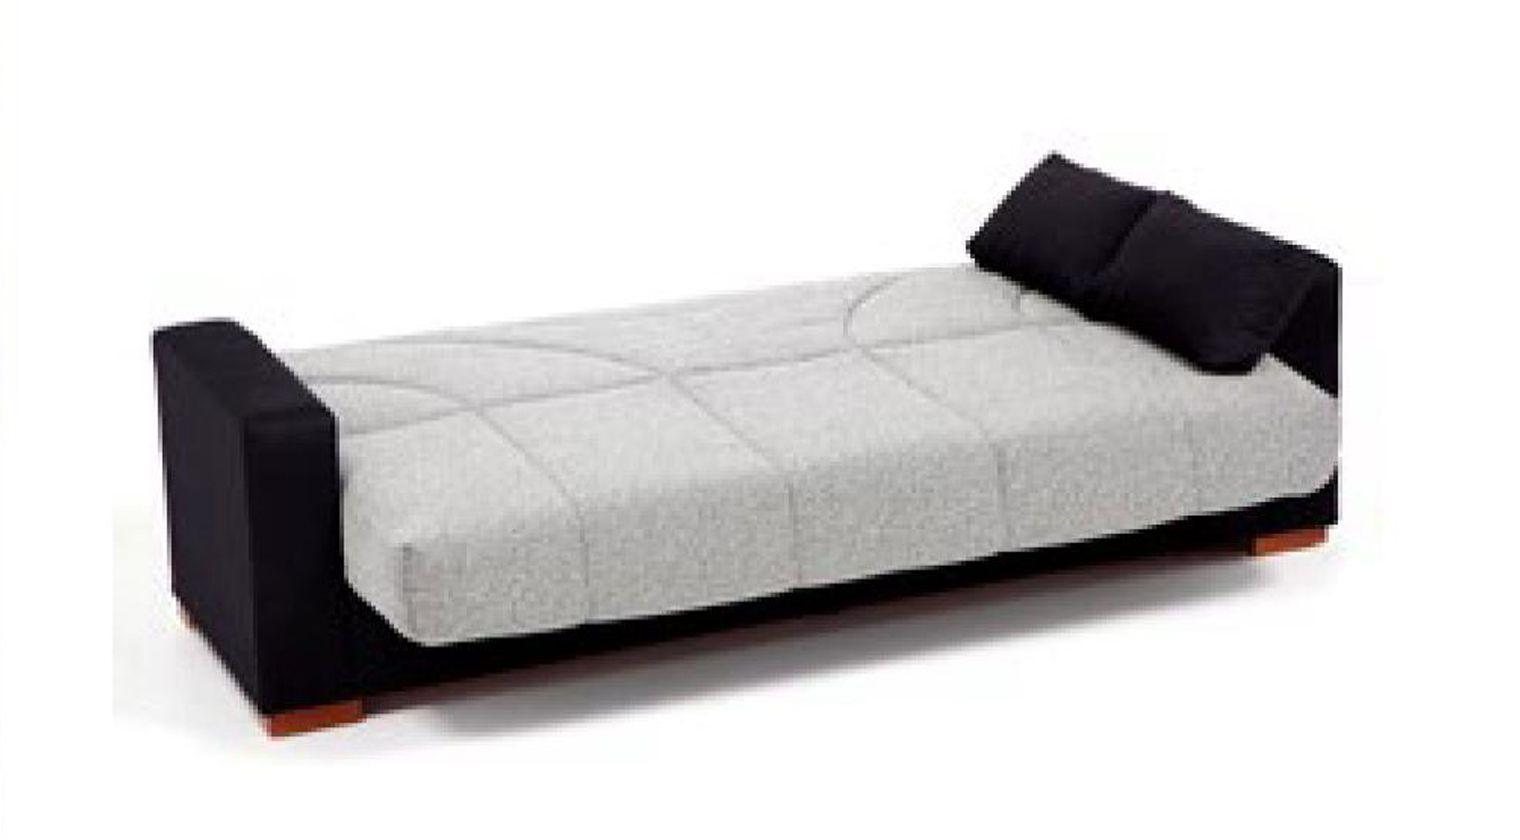 Sofa Cama Con Arcon 0gdr sofà Cama Daviu Fas Cama Clic Clac